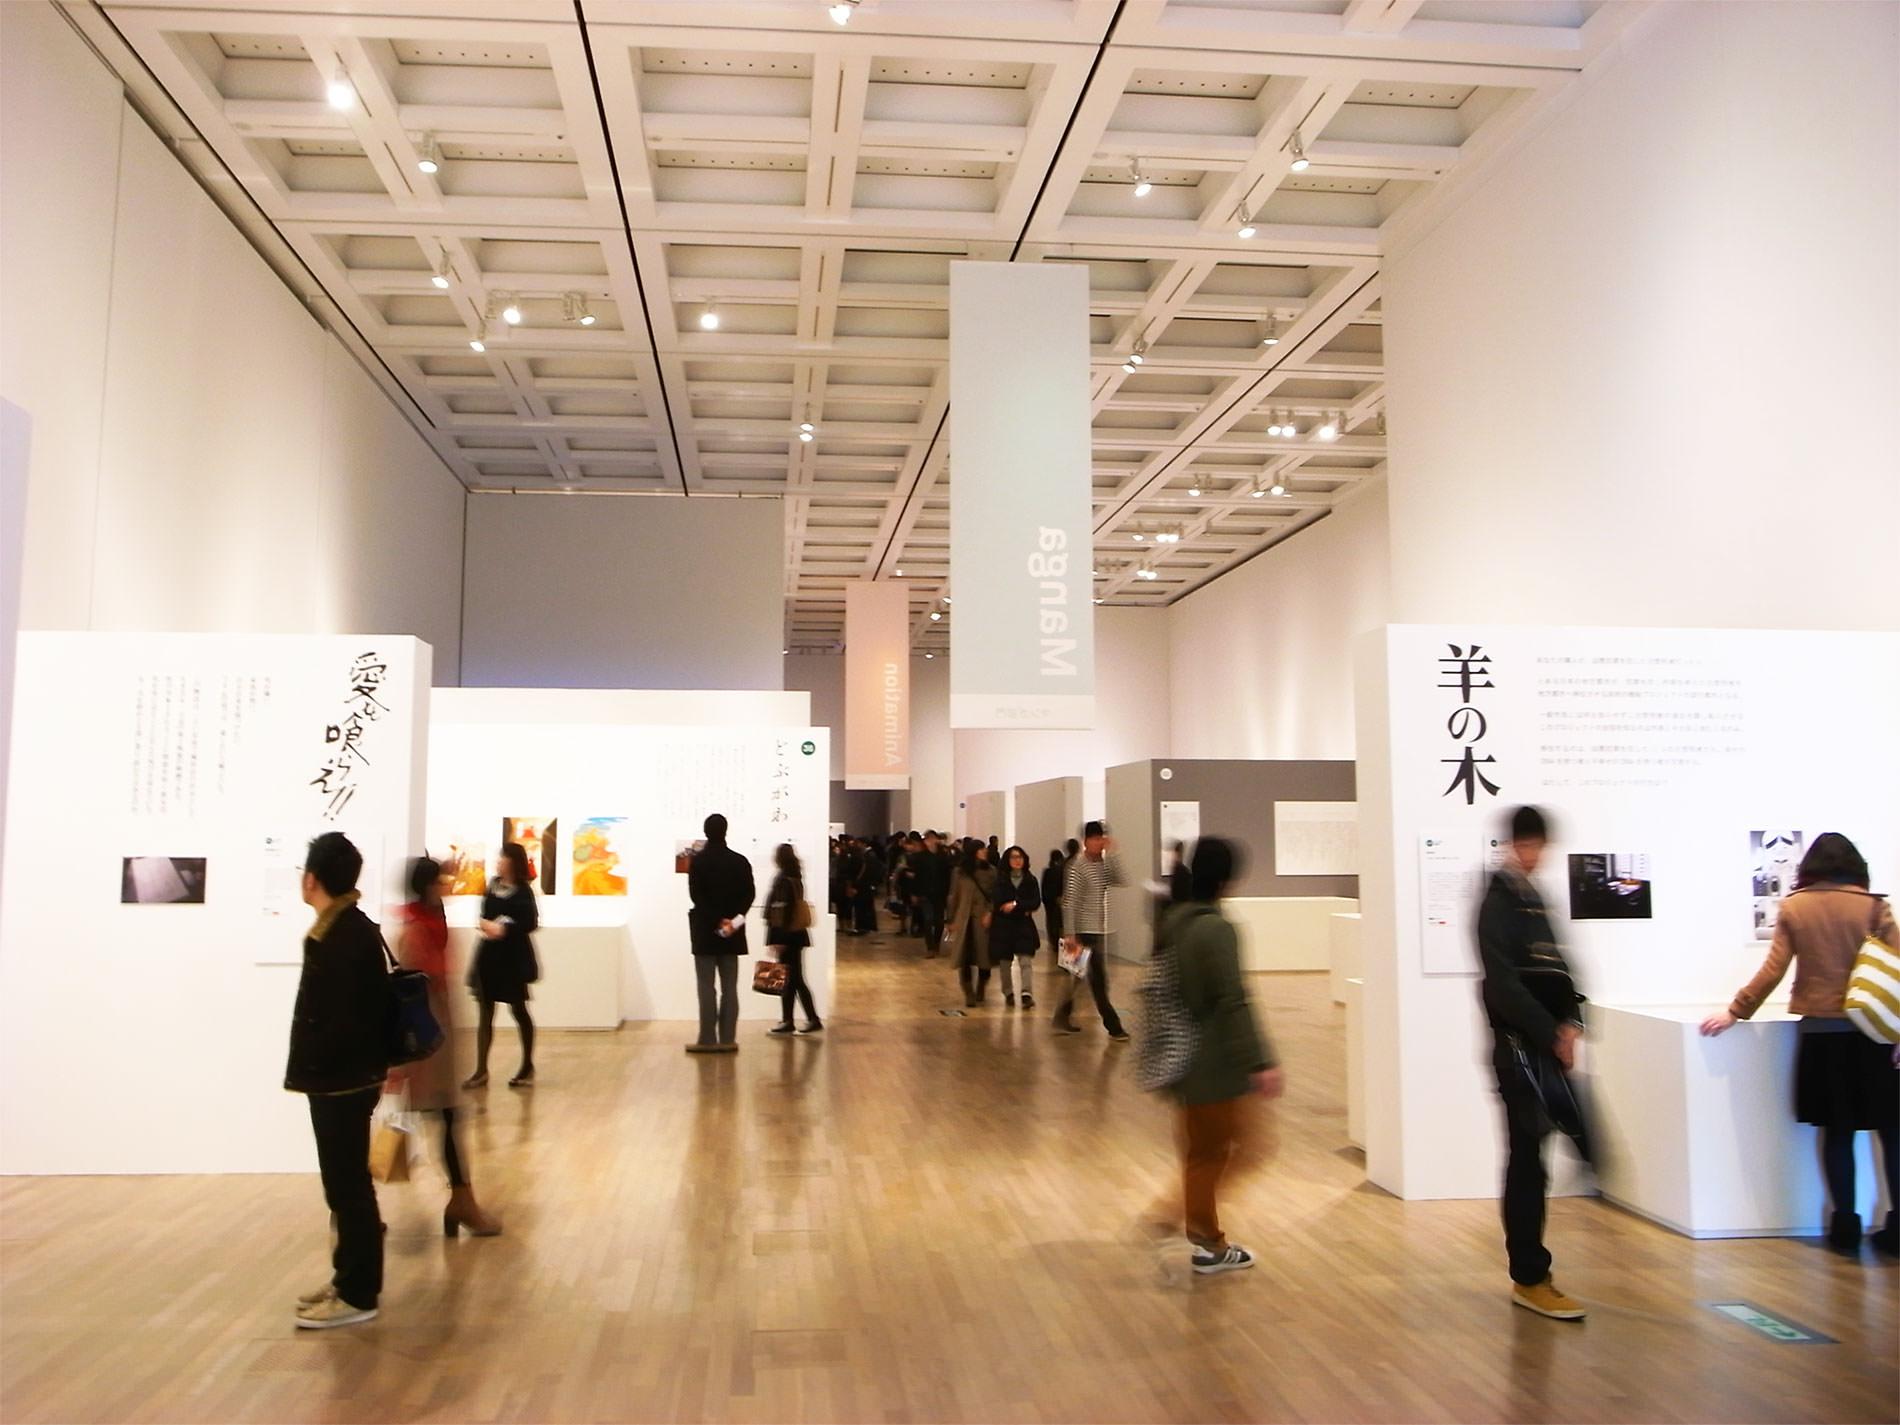 メディア芸術祭2015 | Media Arts 2015, Tokyo, Japan